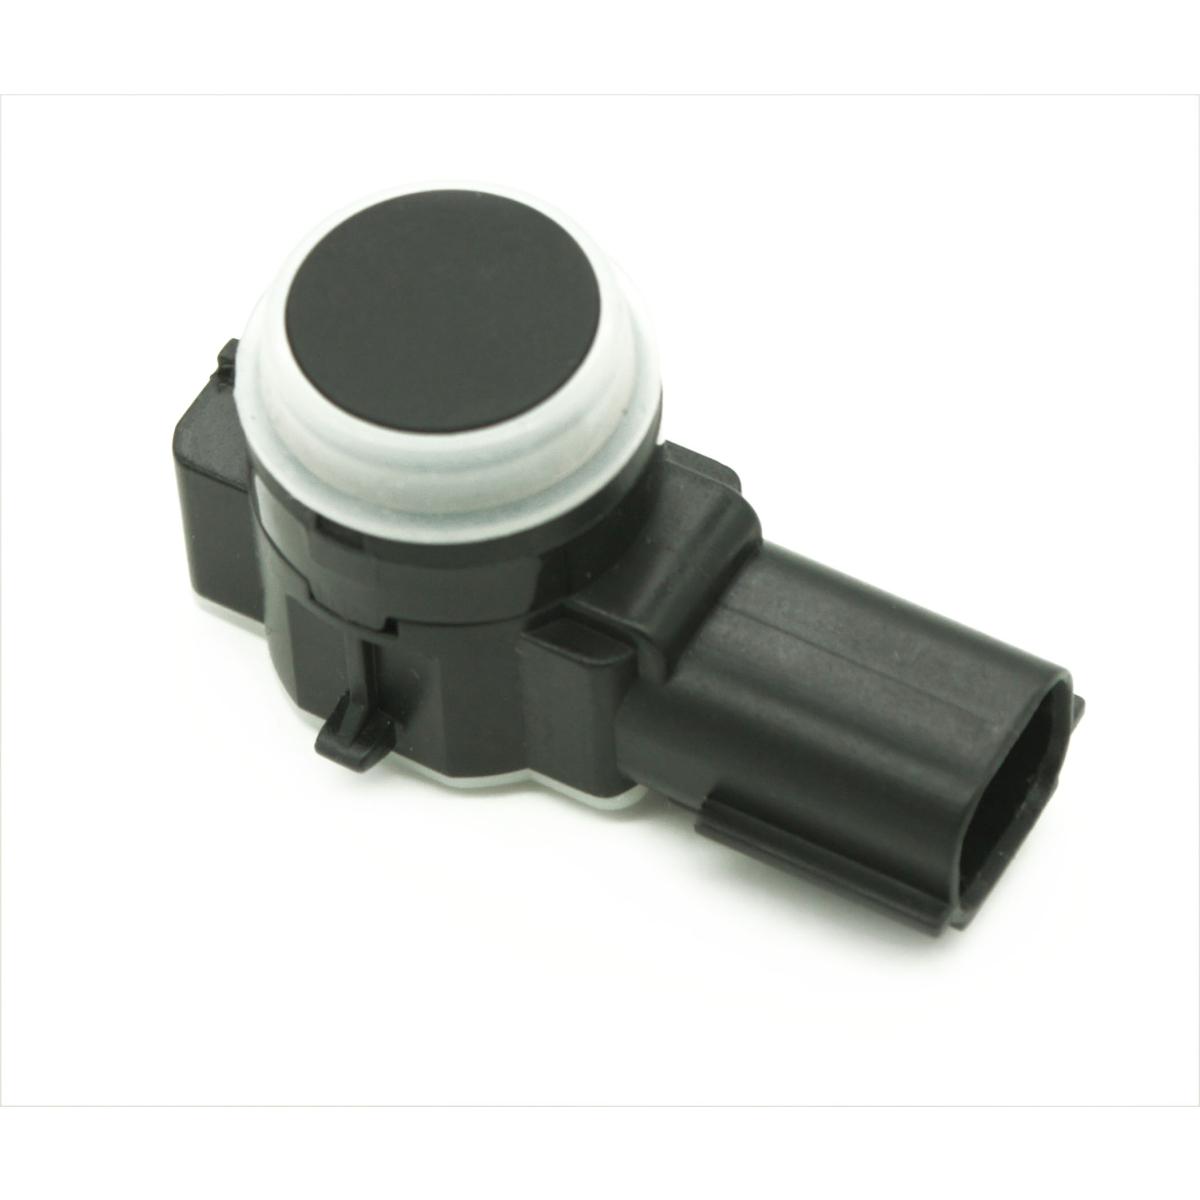 Park sensor CV1T-15K858-AAW for Ford PDC Parktronic